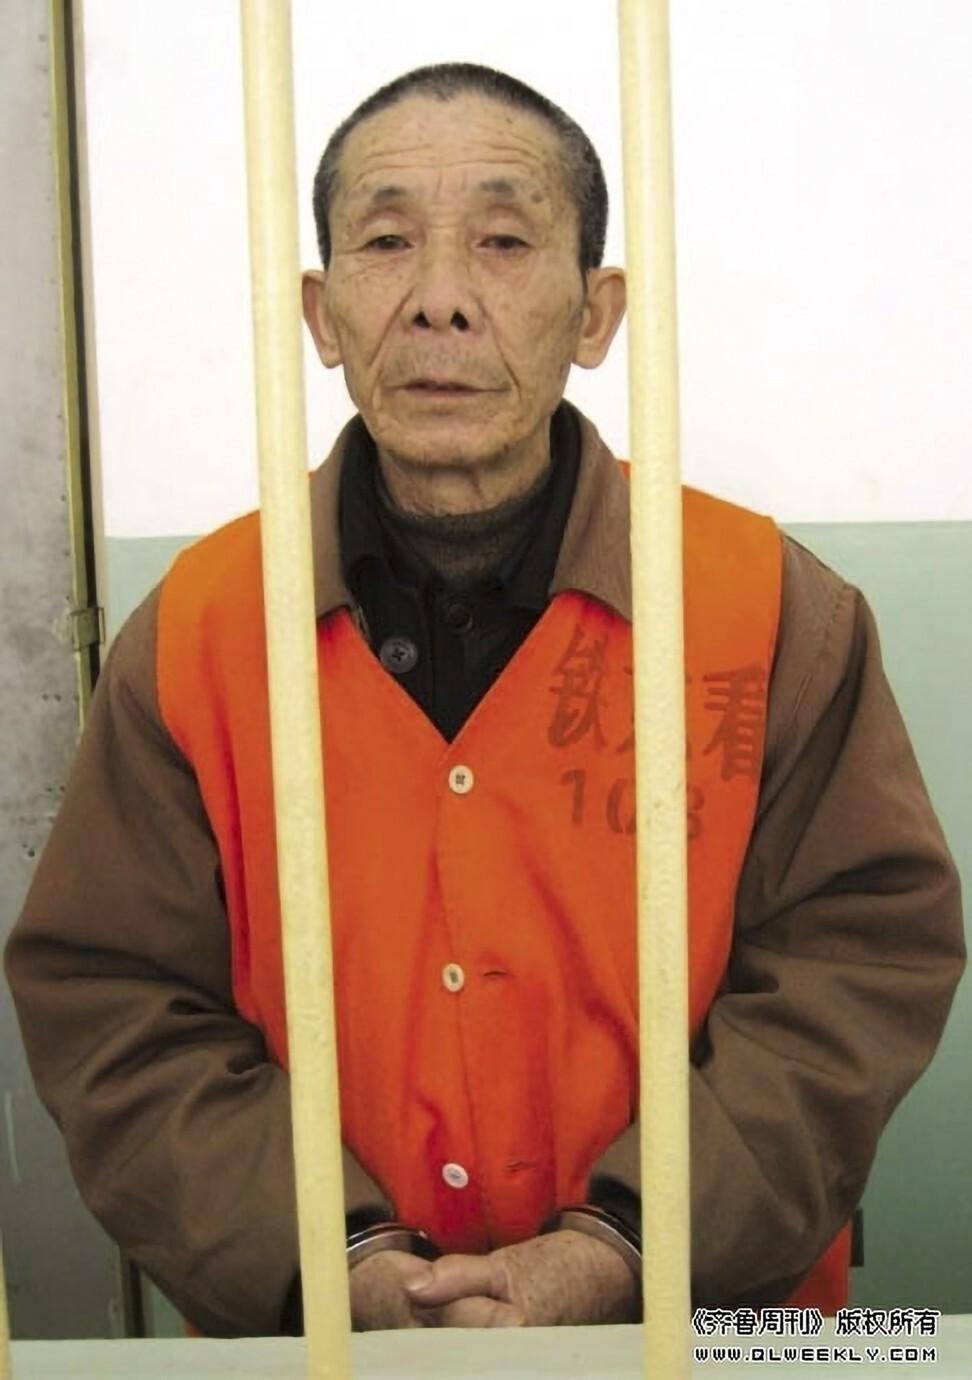 Đi cướp để được ngồi tù, cụ ông thoát cảnh nghèo khổ, đói ăn